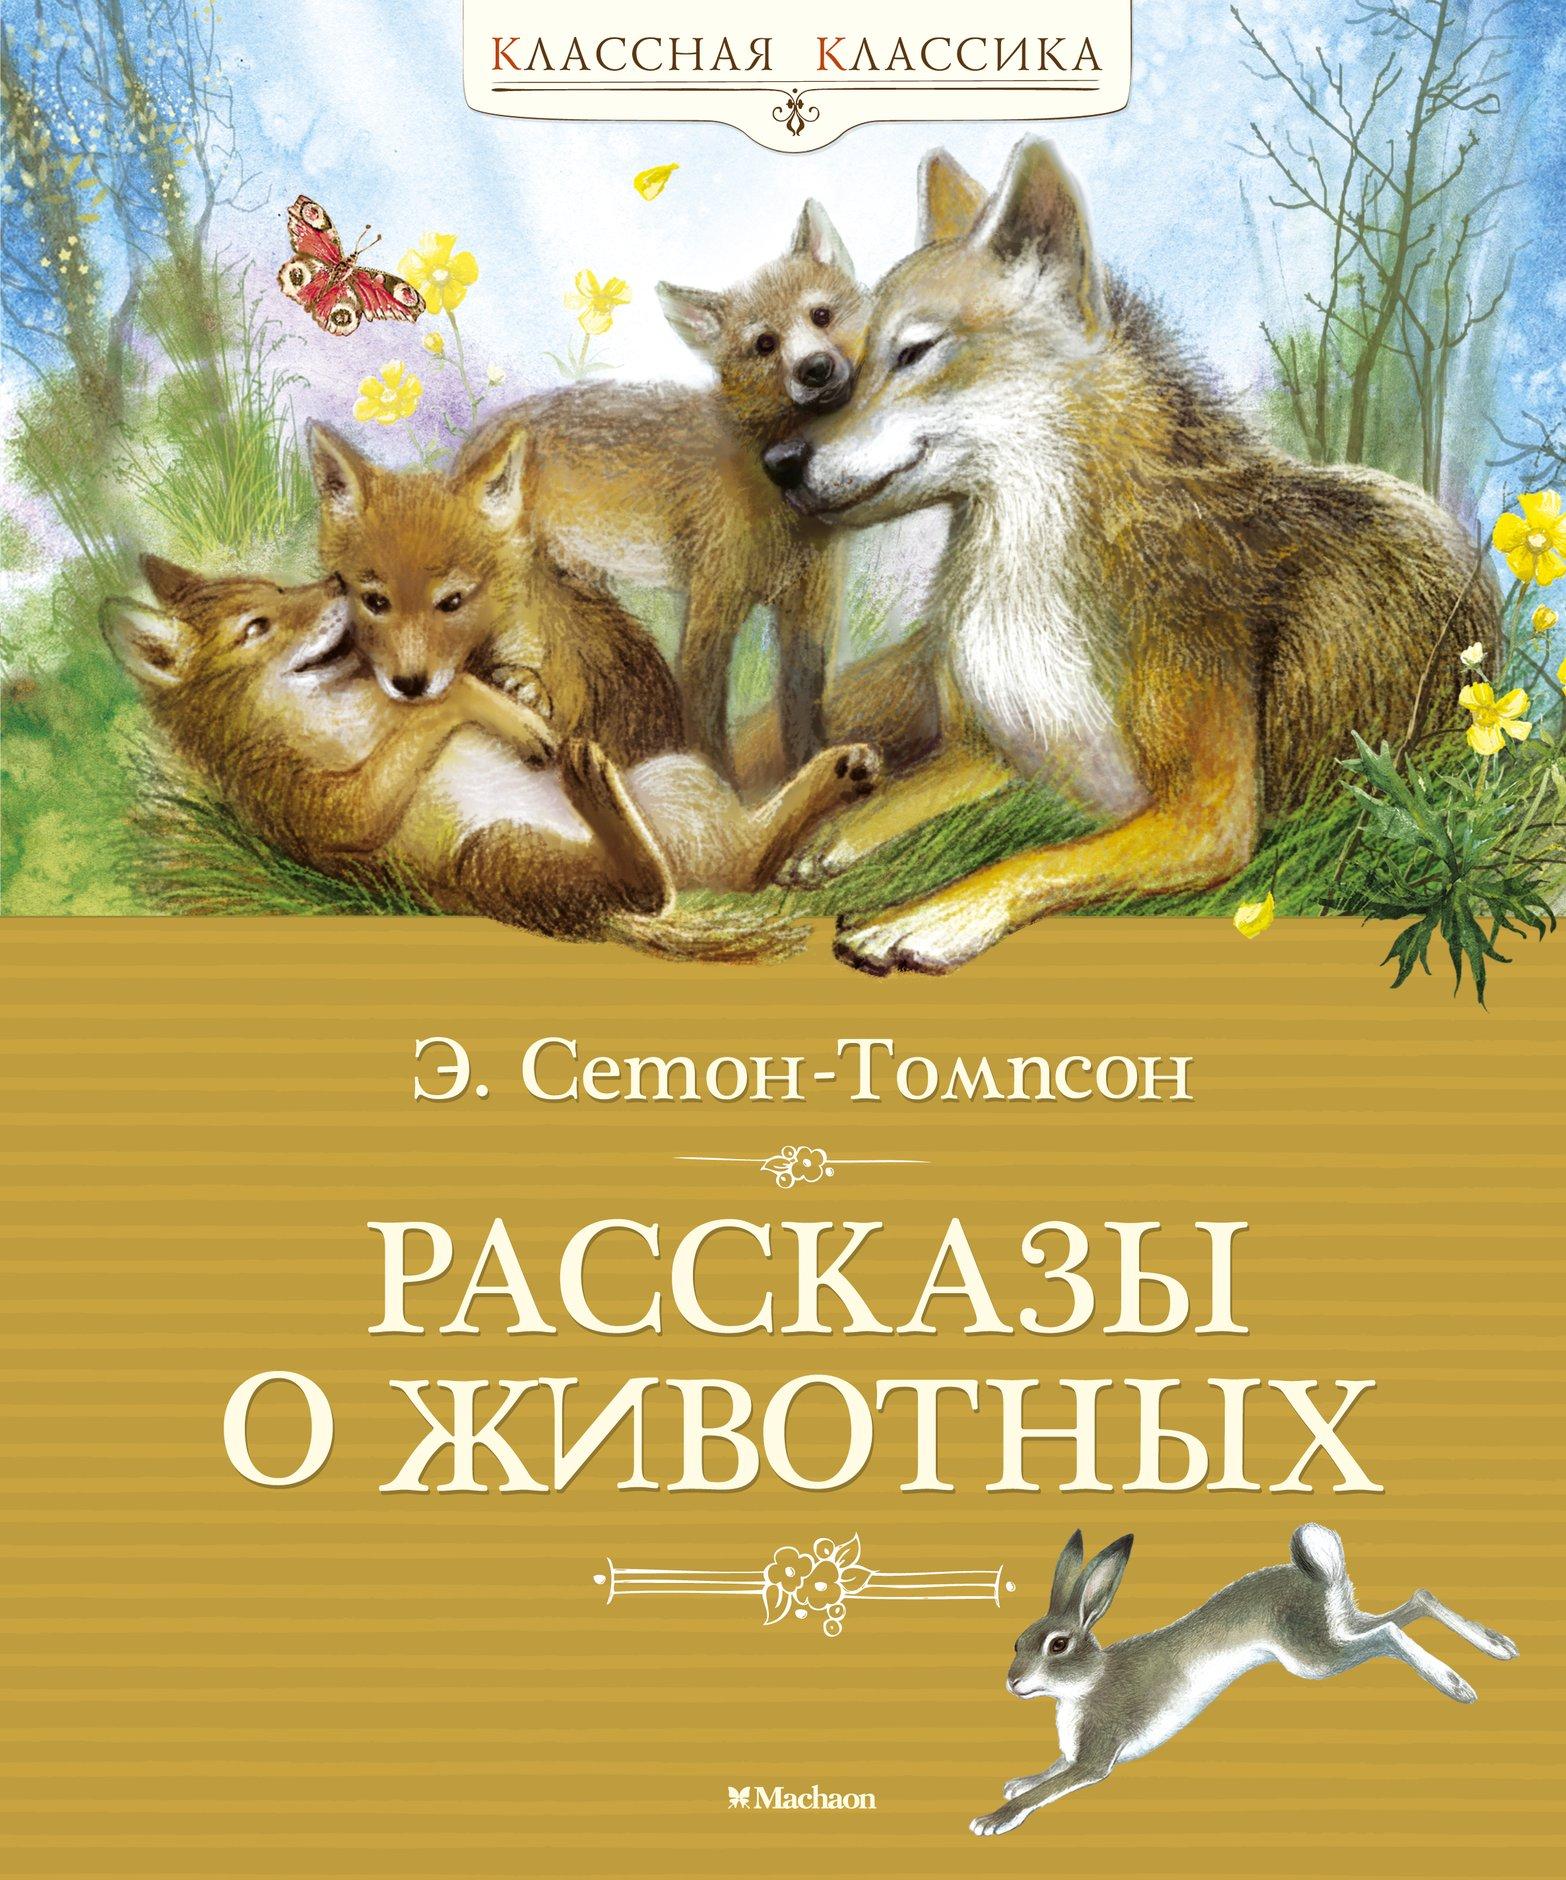 пошаговая книги с рассказами о животных с авторами список косметическая индустрия